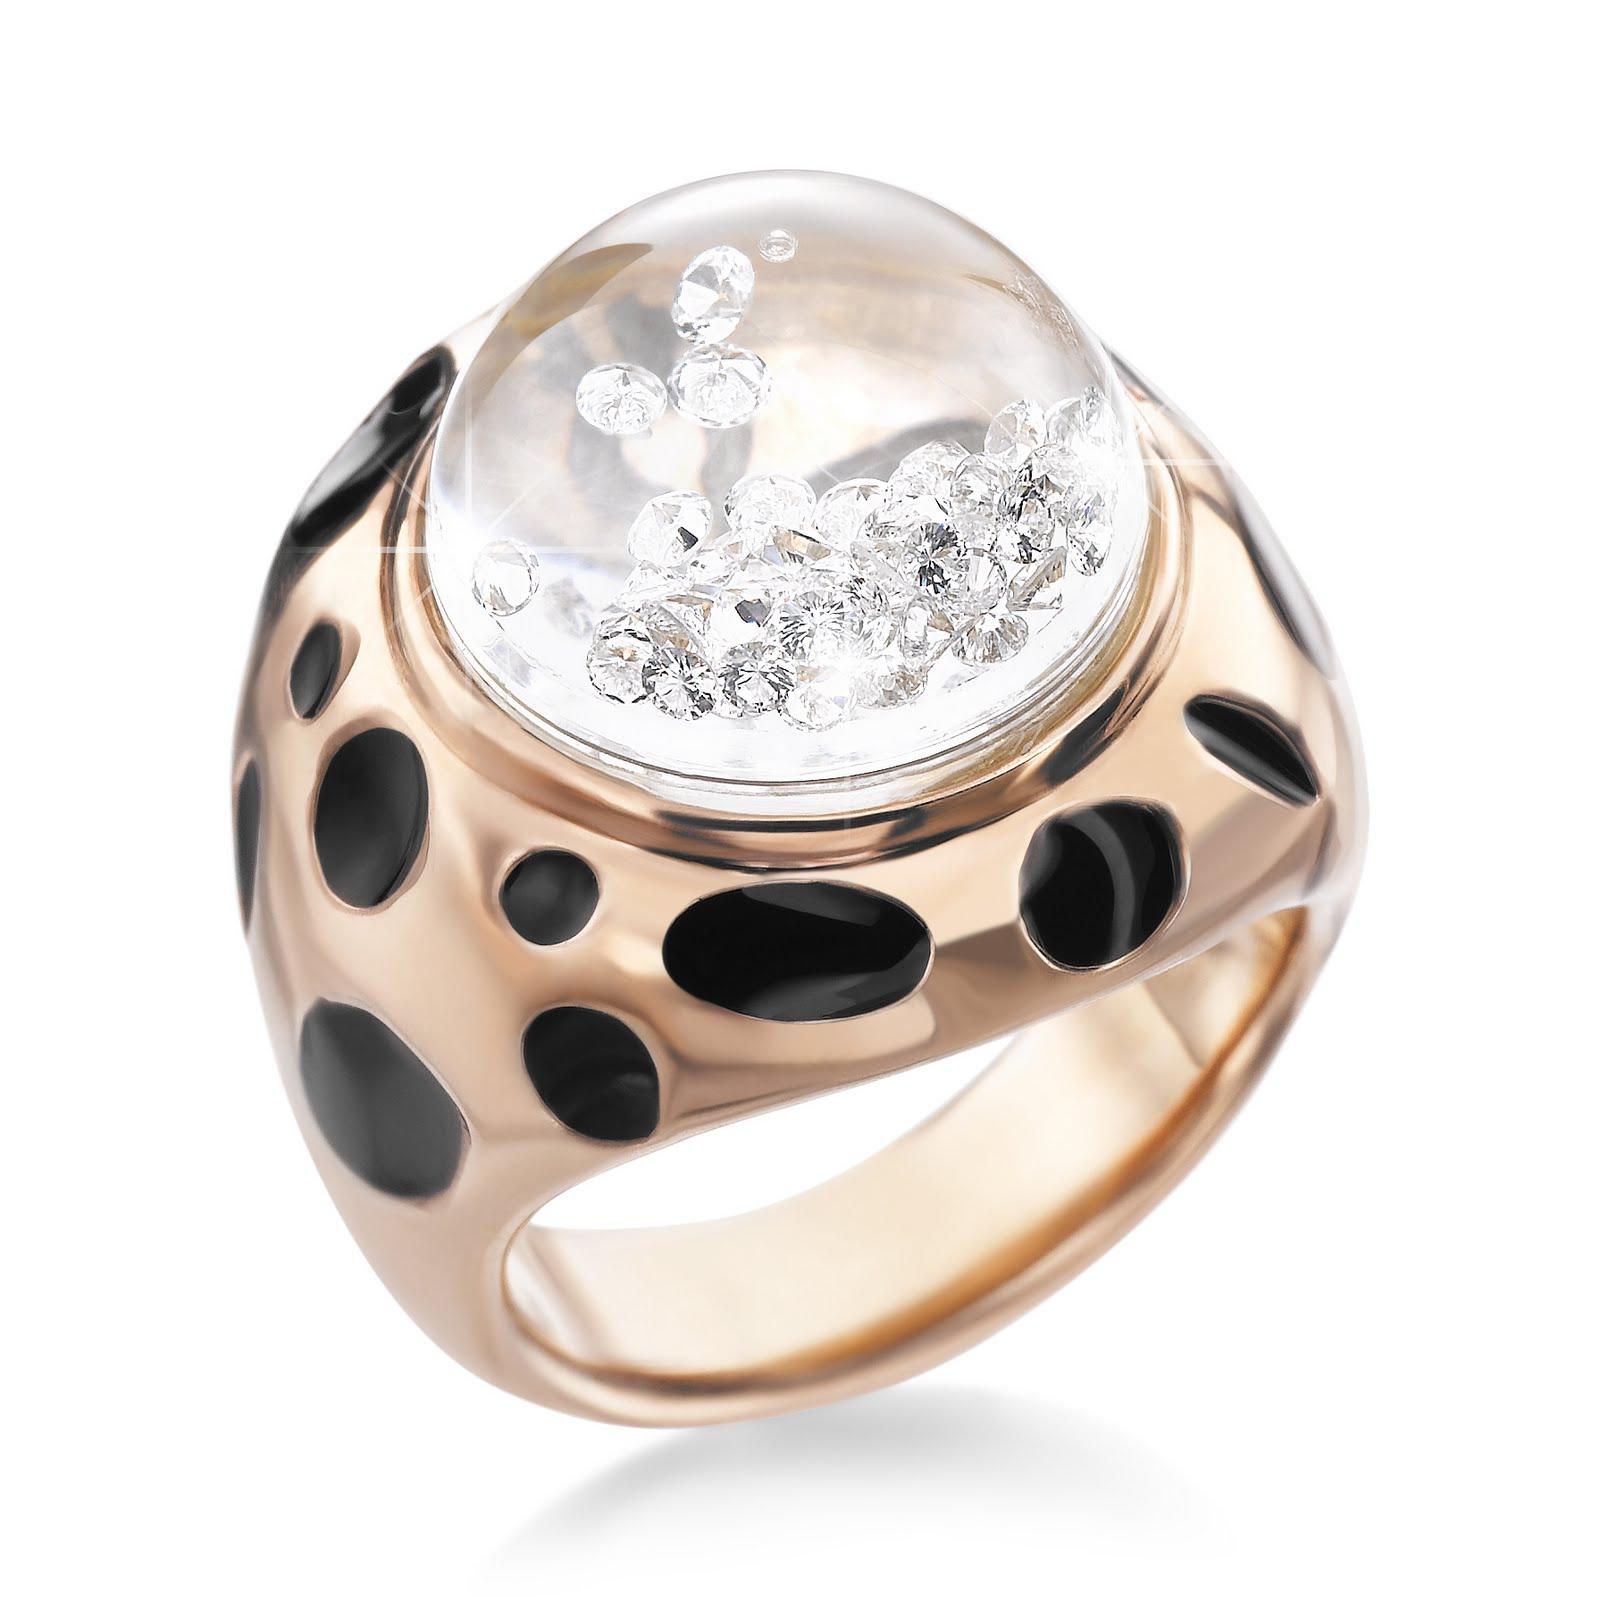 http://2.bp.blogspot.com/-SzoEXGmio8M/TyLKX8v4svI/AAAAAAAACQA/W12_eQpjqWs/s1600/Shining+Stars+ring_10.jpg